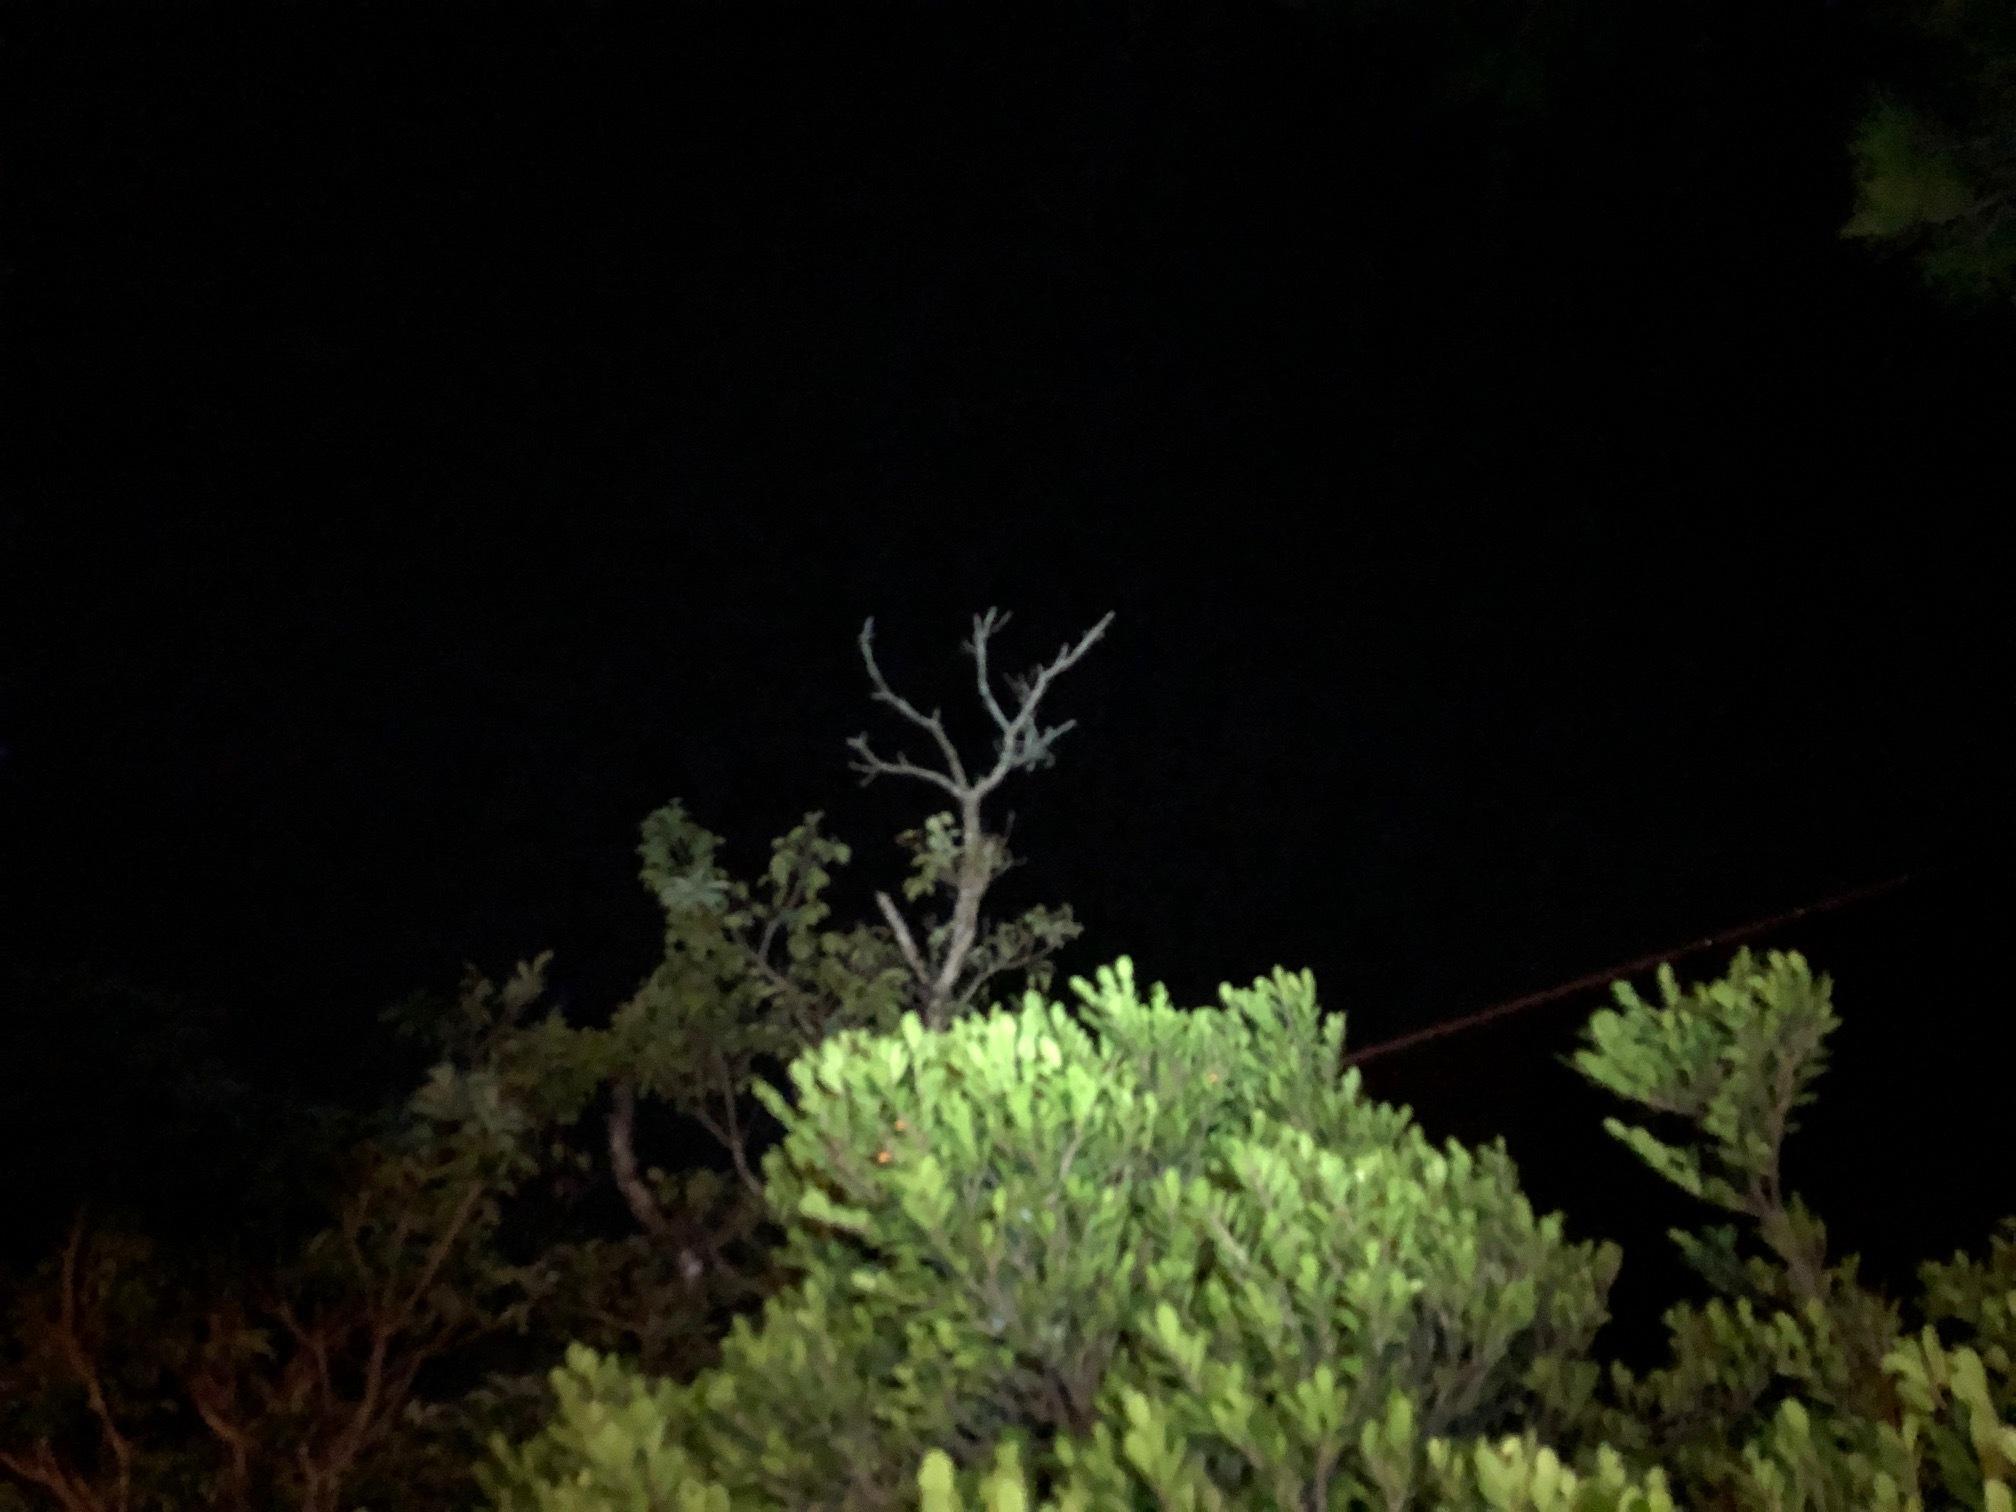 星空キャンプ〔2日目〕今夜のメニューは「てづくりぎょう座」お腹いっぱいになって、一瞬だけど月も見えた!_d0363878_23031127.jpg